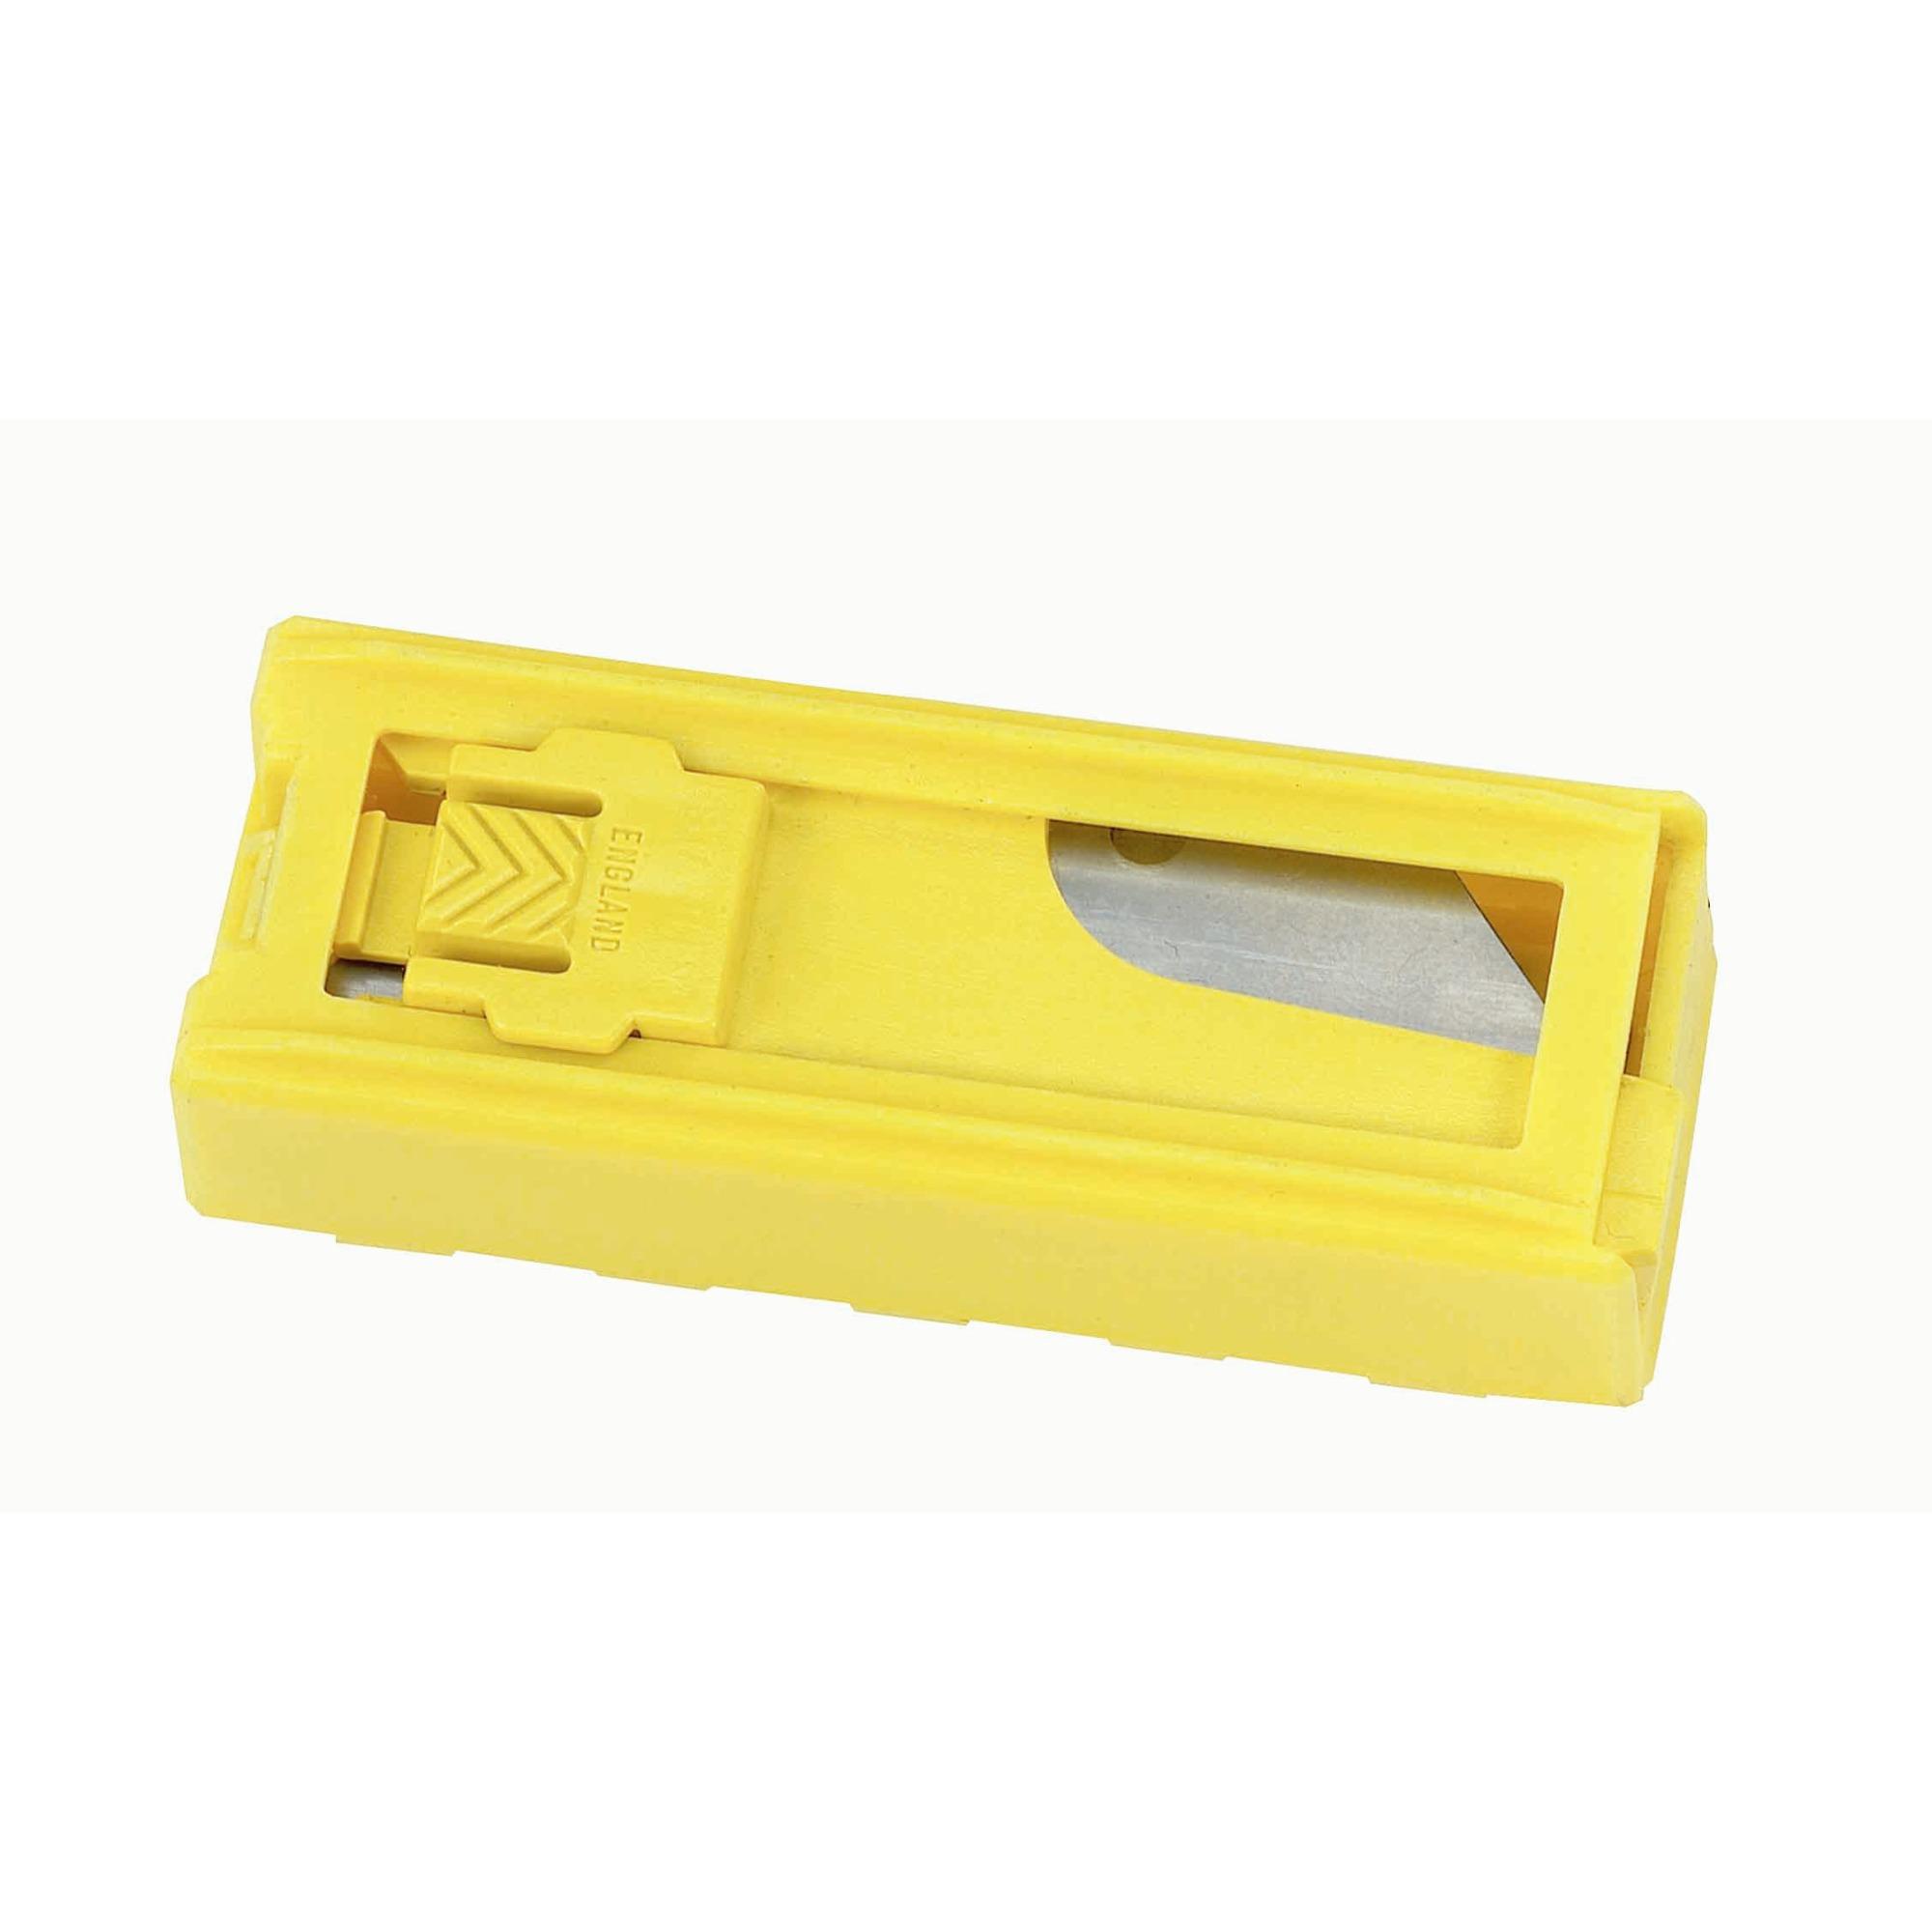 STANLEY reserve mesjes 1992 zonder gaten 10 stuks (211921)